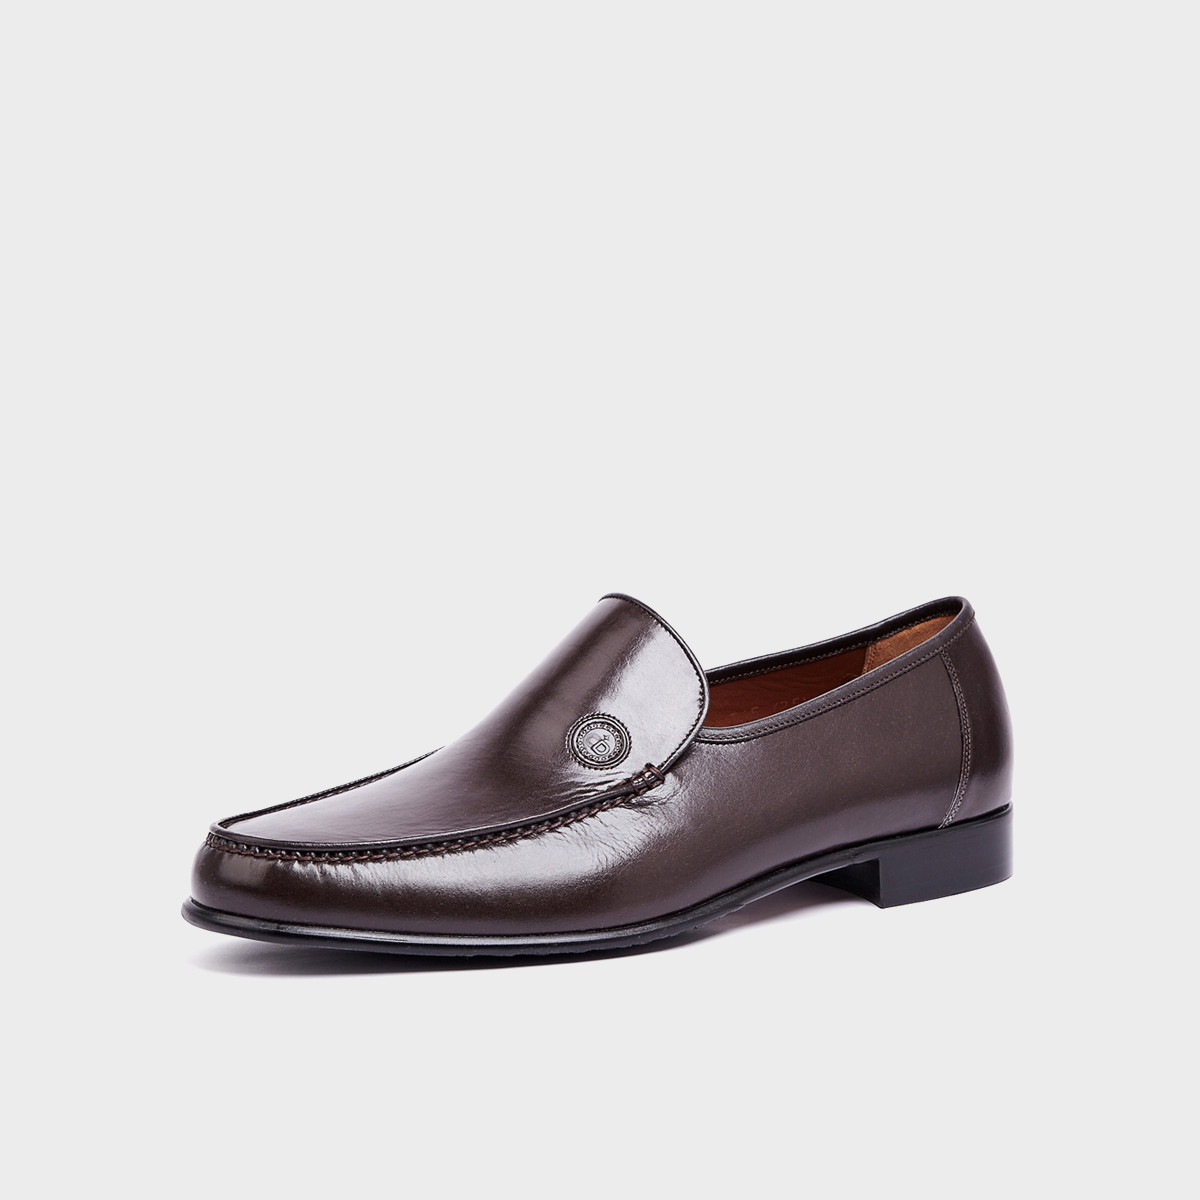 克雷斯丹尼【皮底】意大利珍贵袋鼠皮套脚商务鞋轻便透气爸爸鞋男士皮鞋56G03B1